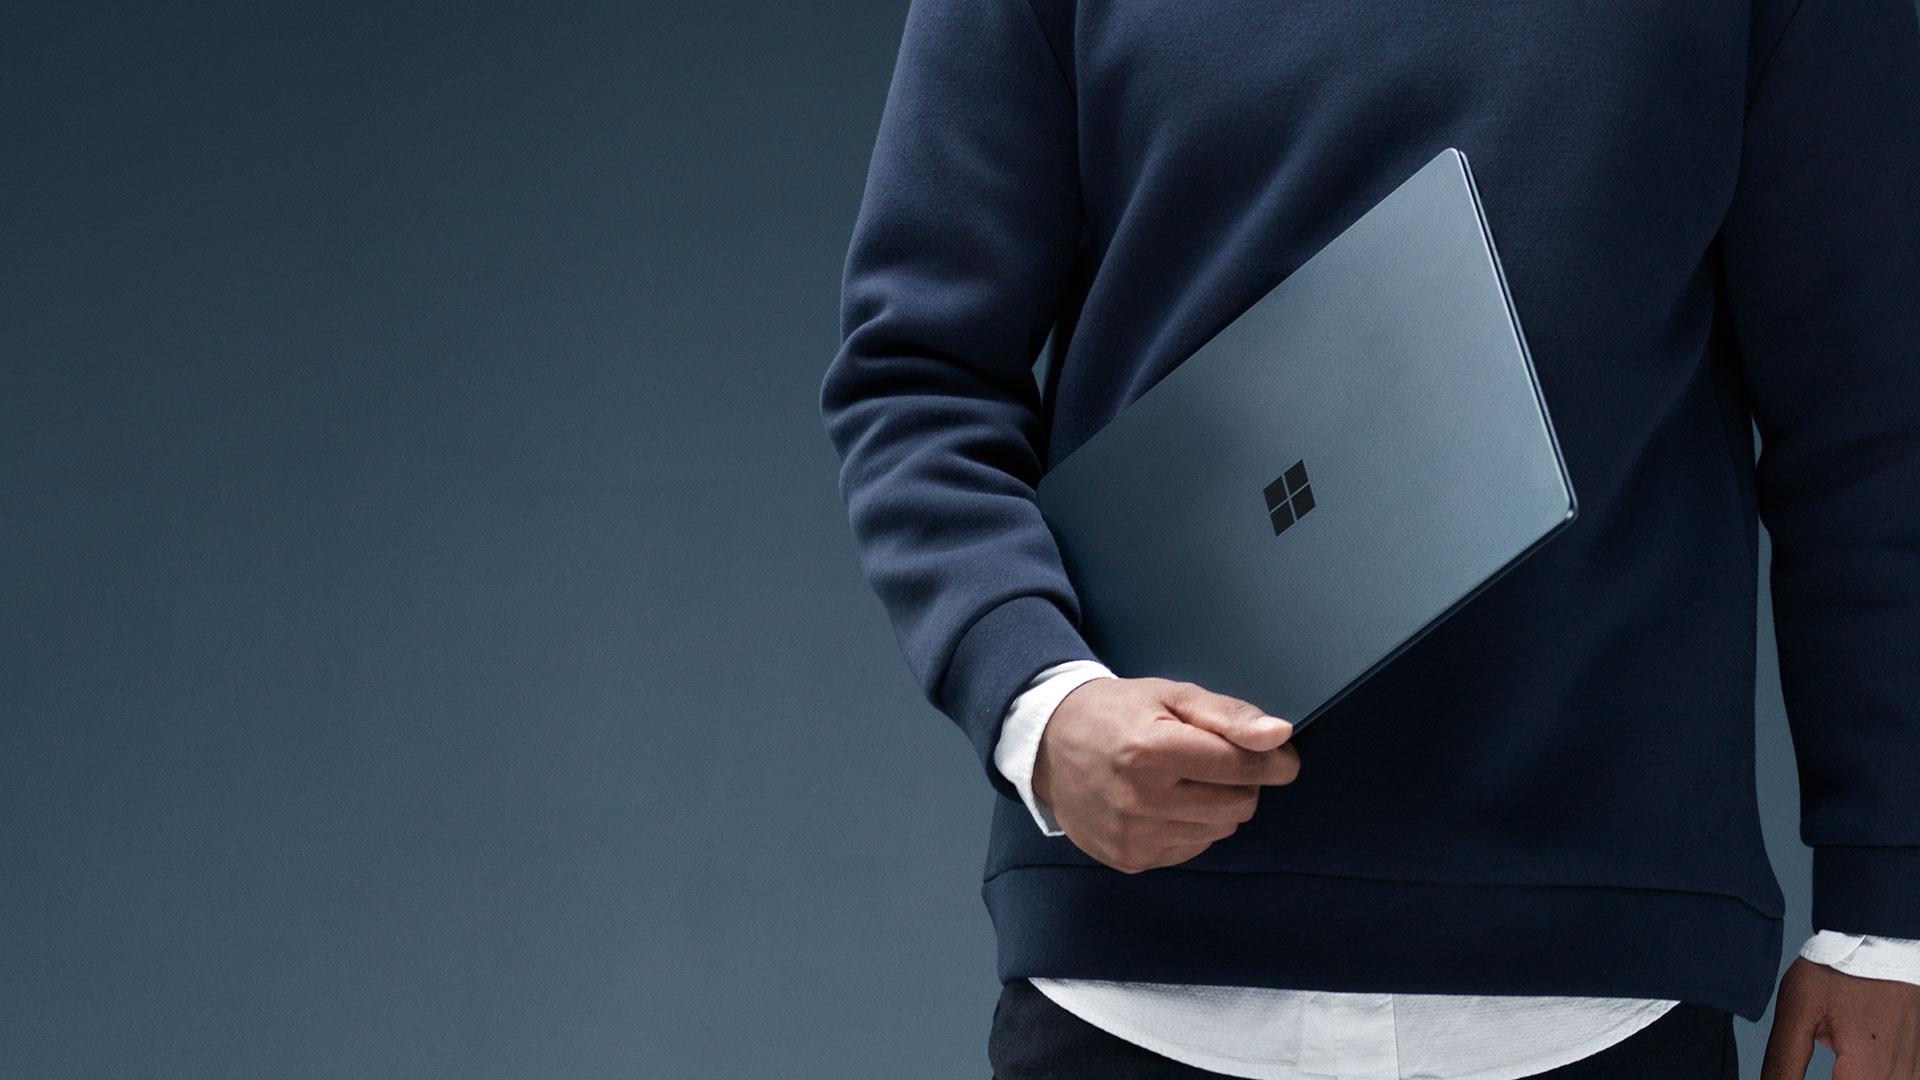 Homme tenant Surface Laptop couleur bleu cobalt